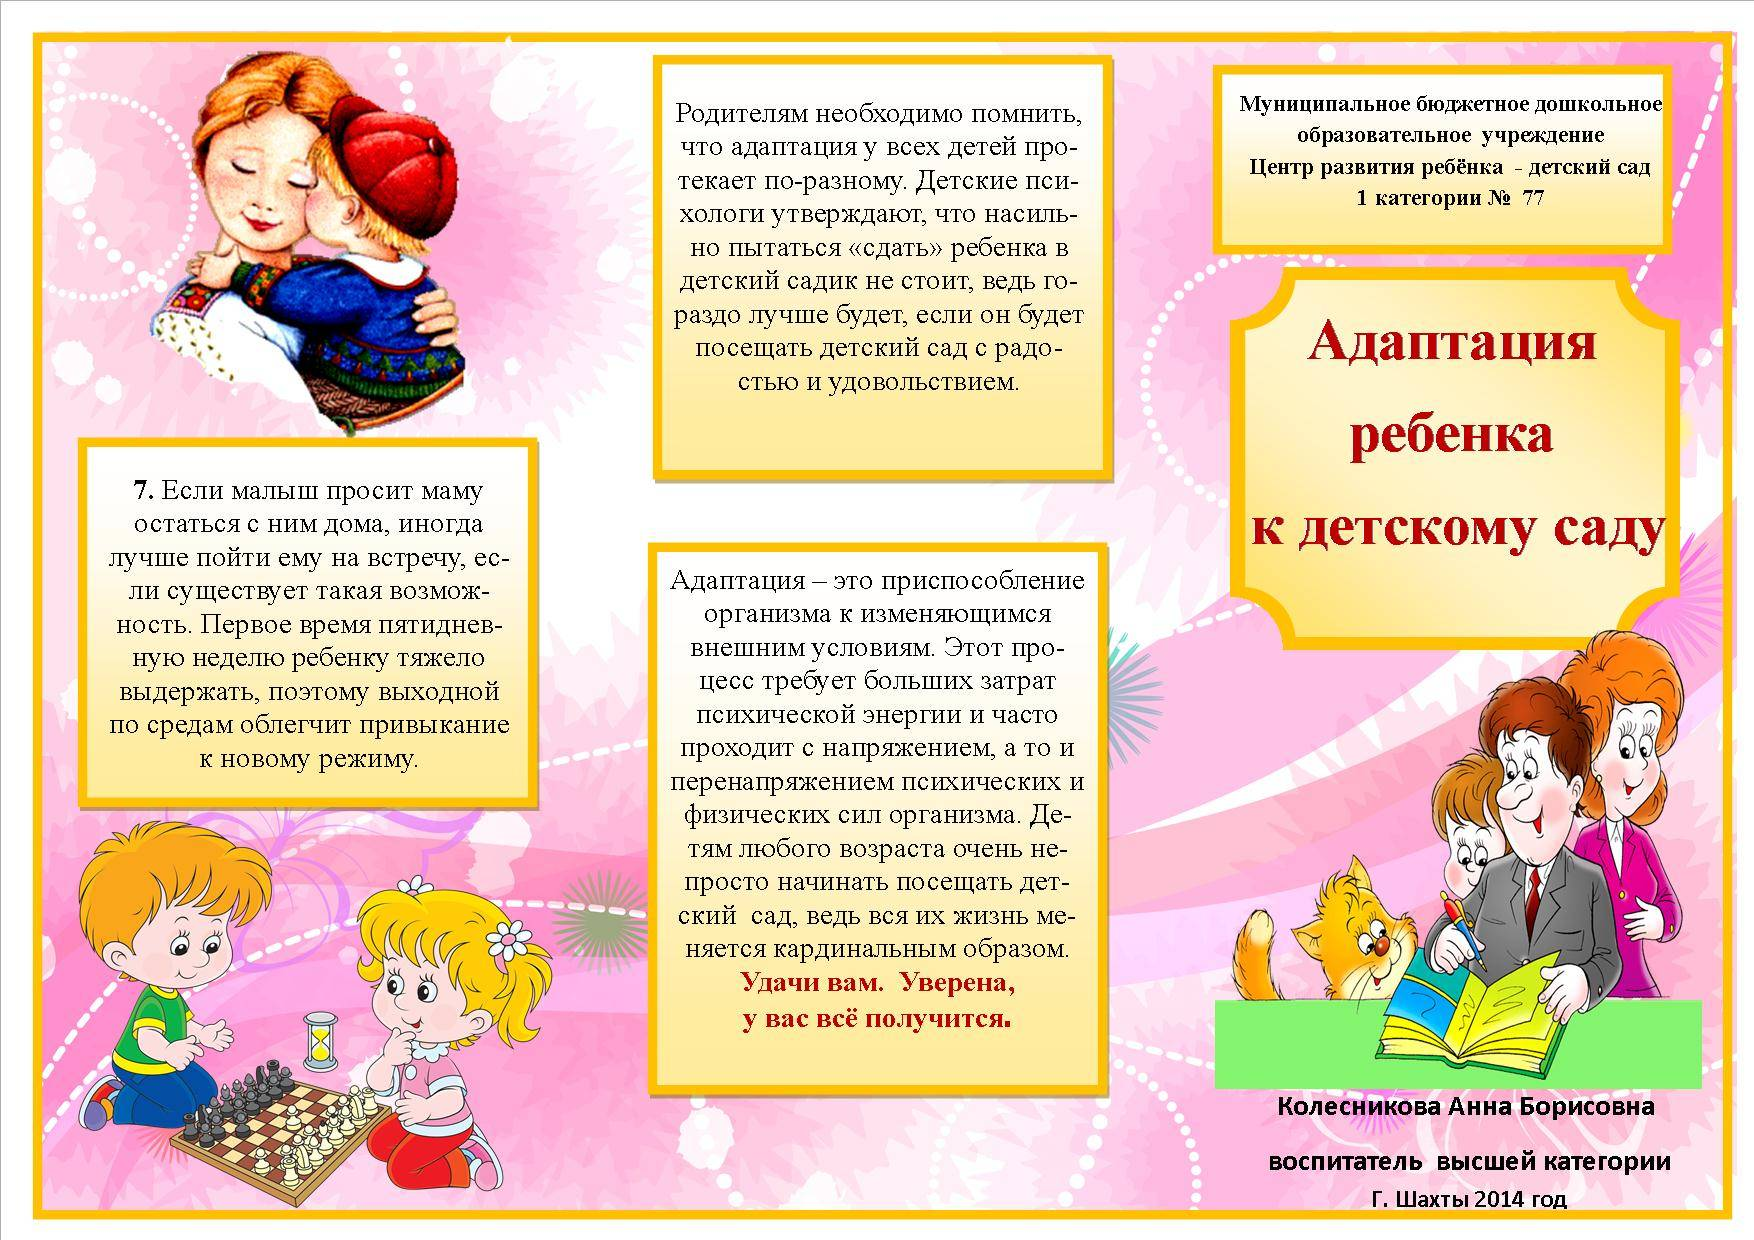 Адаптация к детскому саду: 13 правил для родителей. как подготовить ребенка к детскому саду - советы родителям